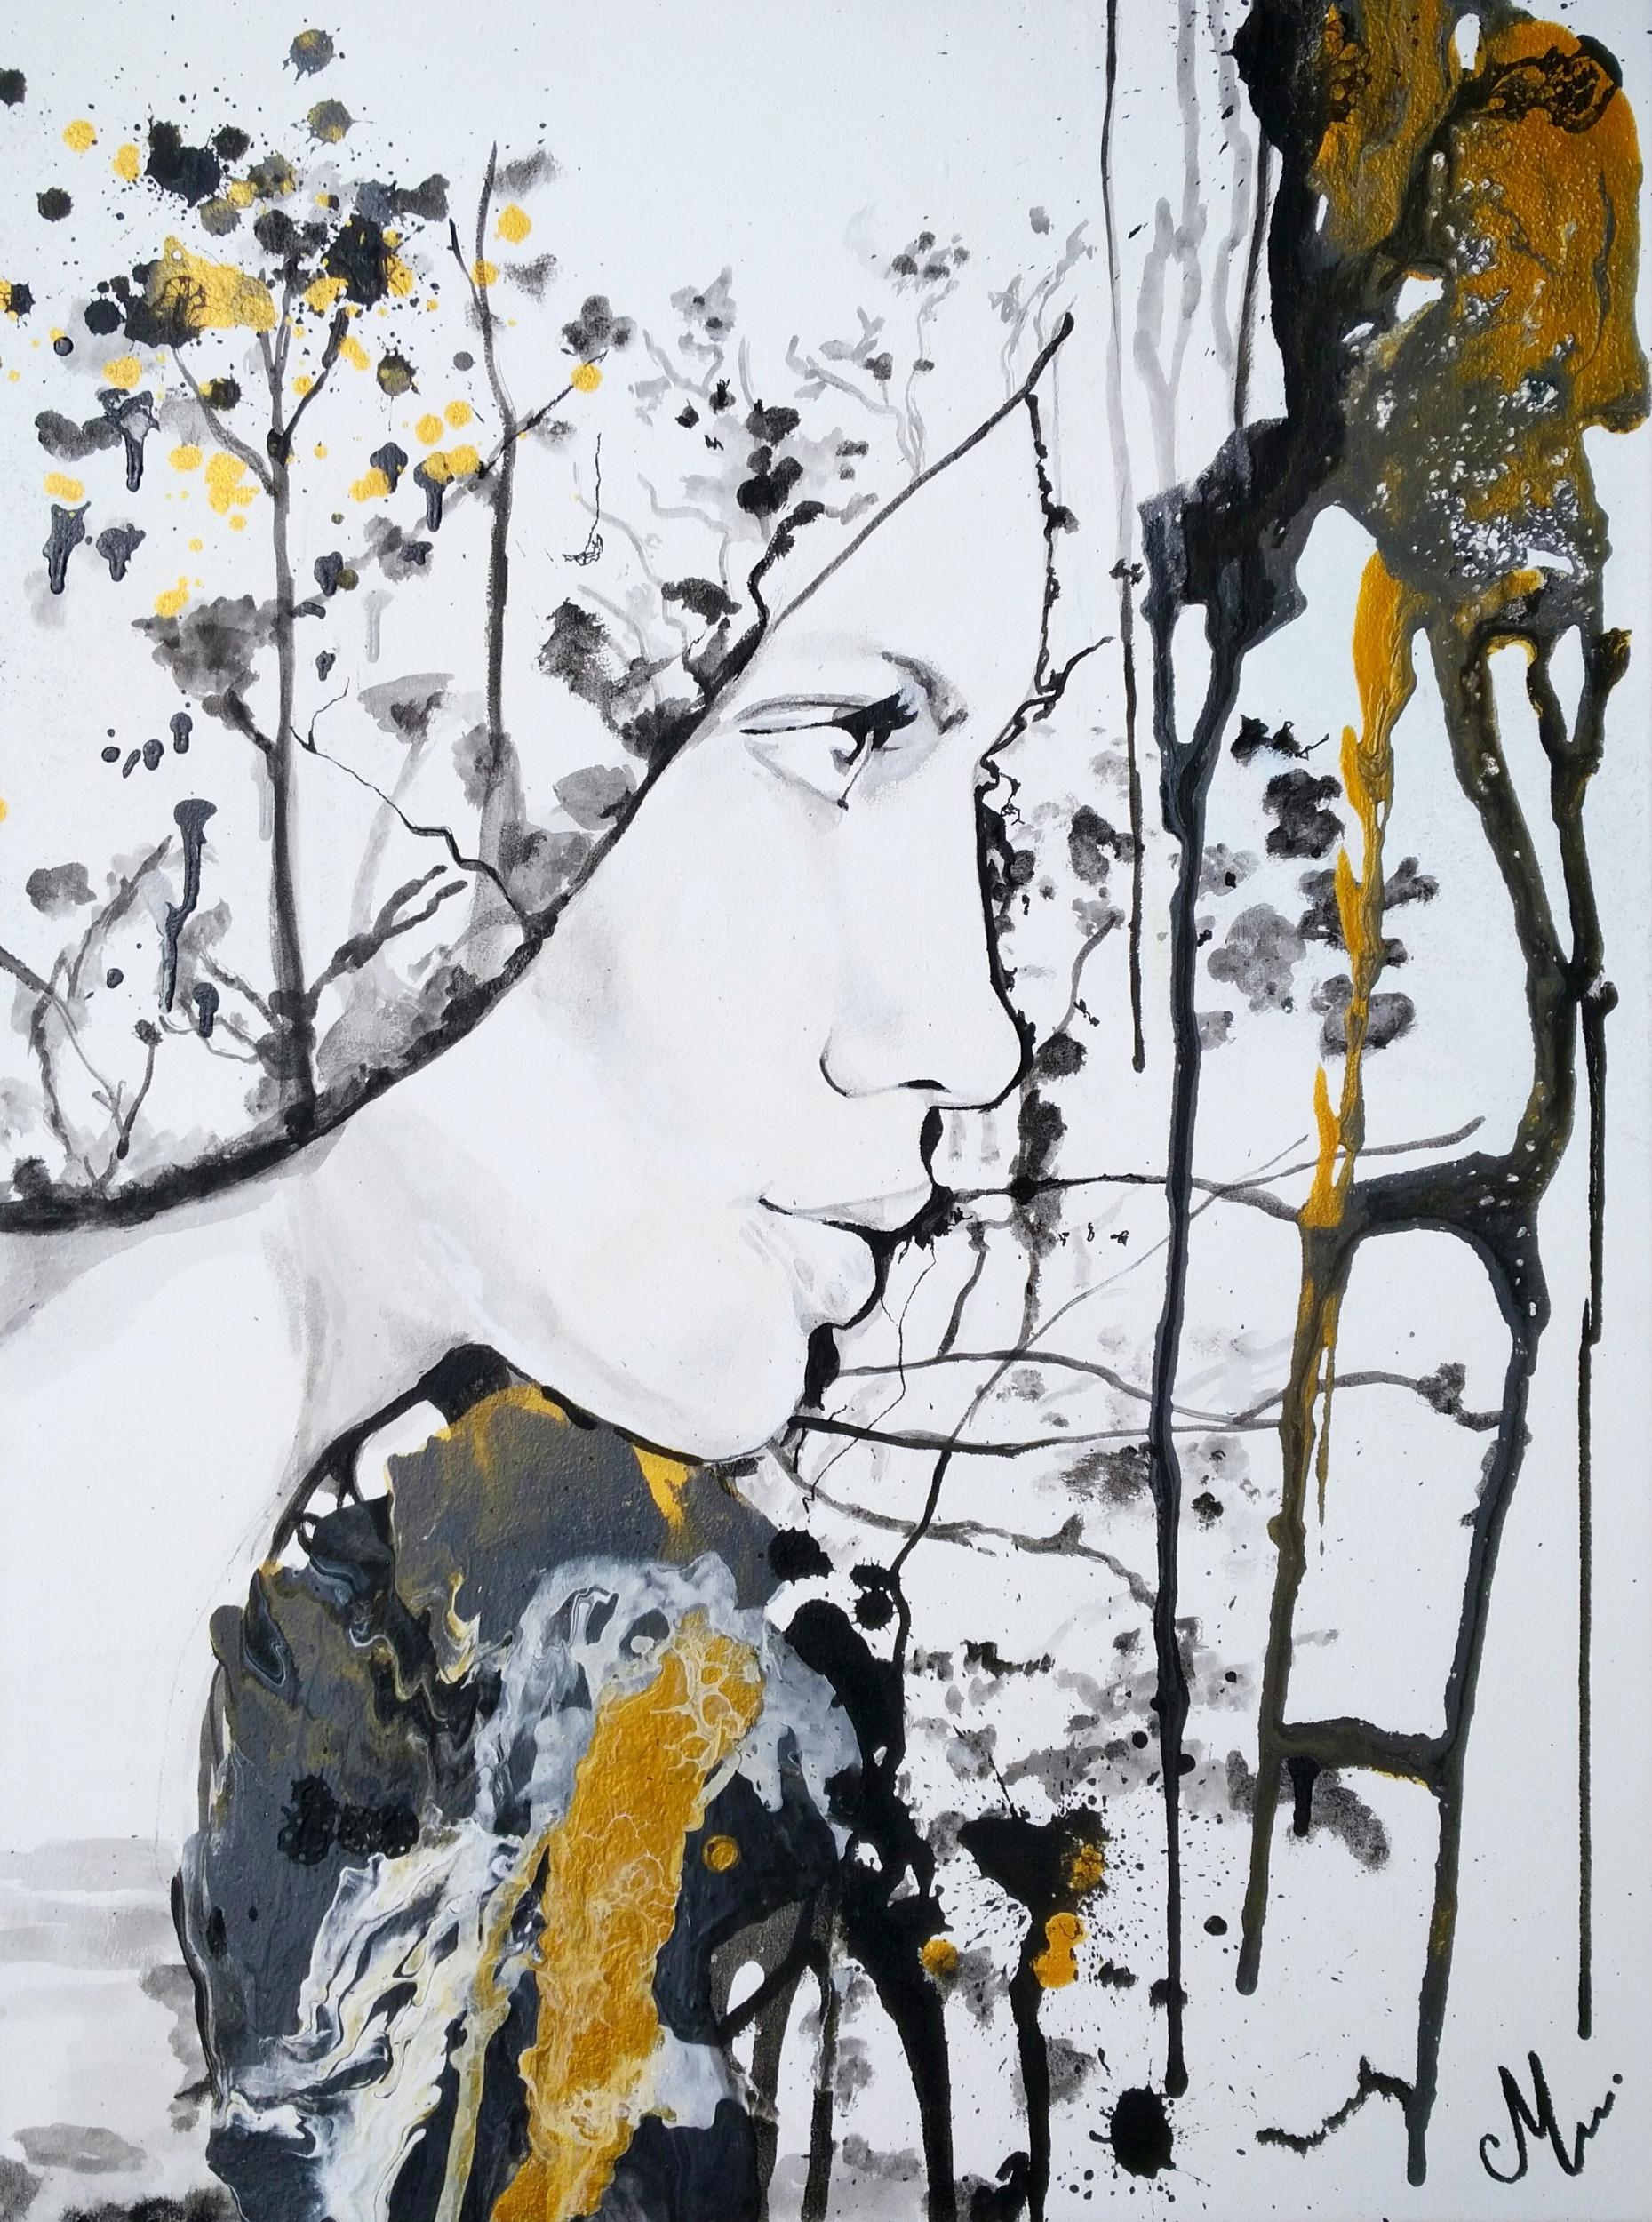 tableau art contemporain design femme visage noir et blanc or pluie